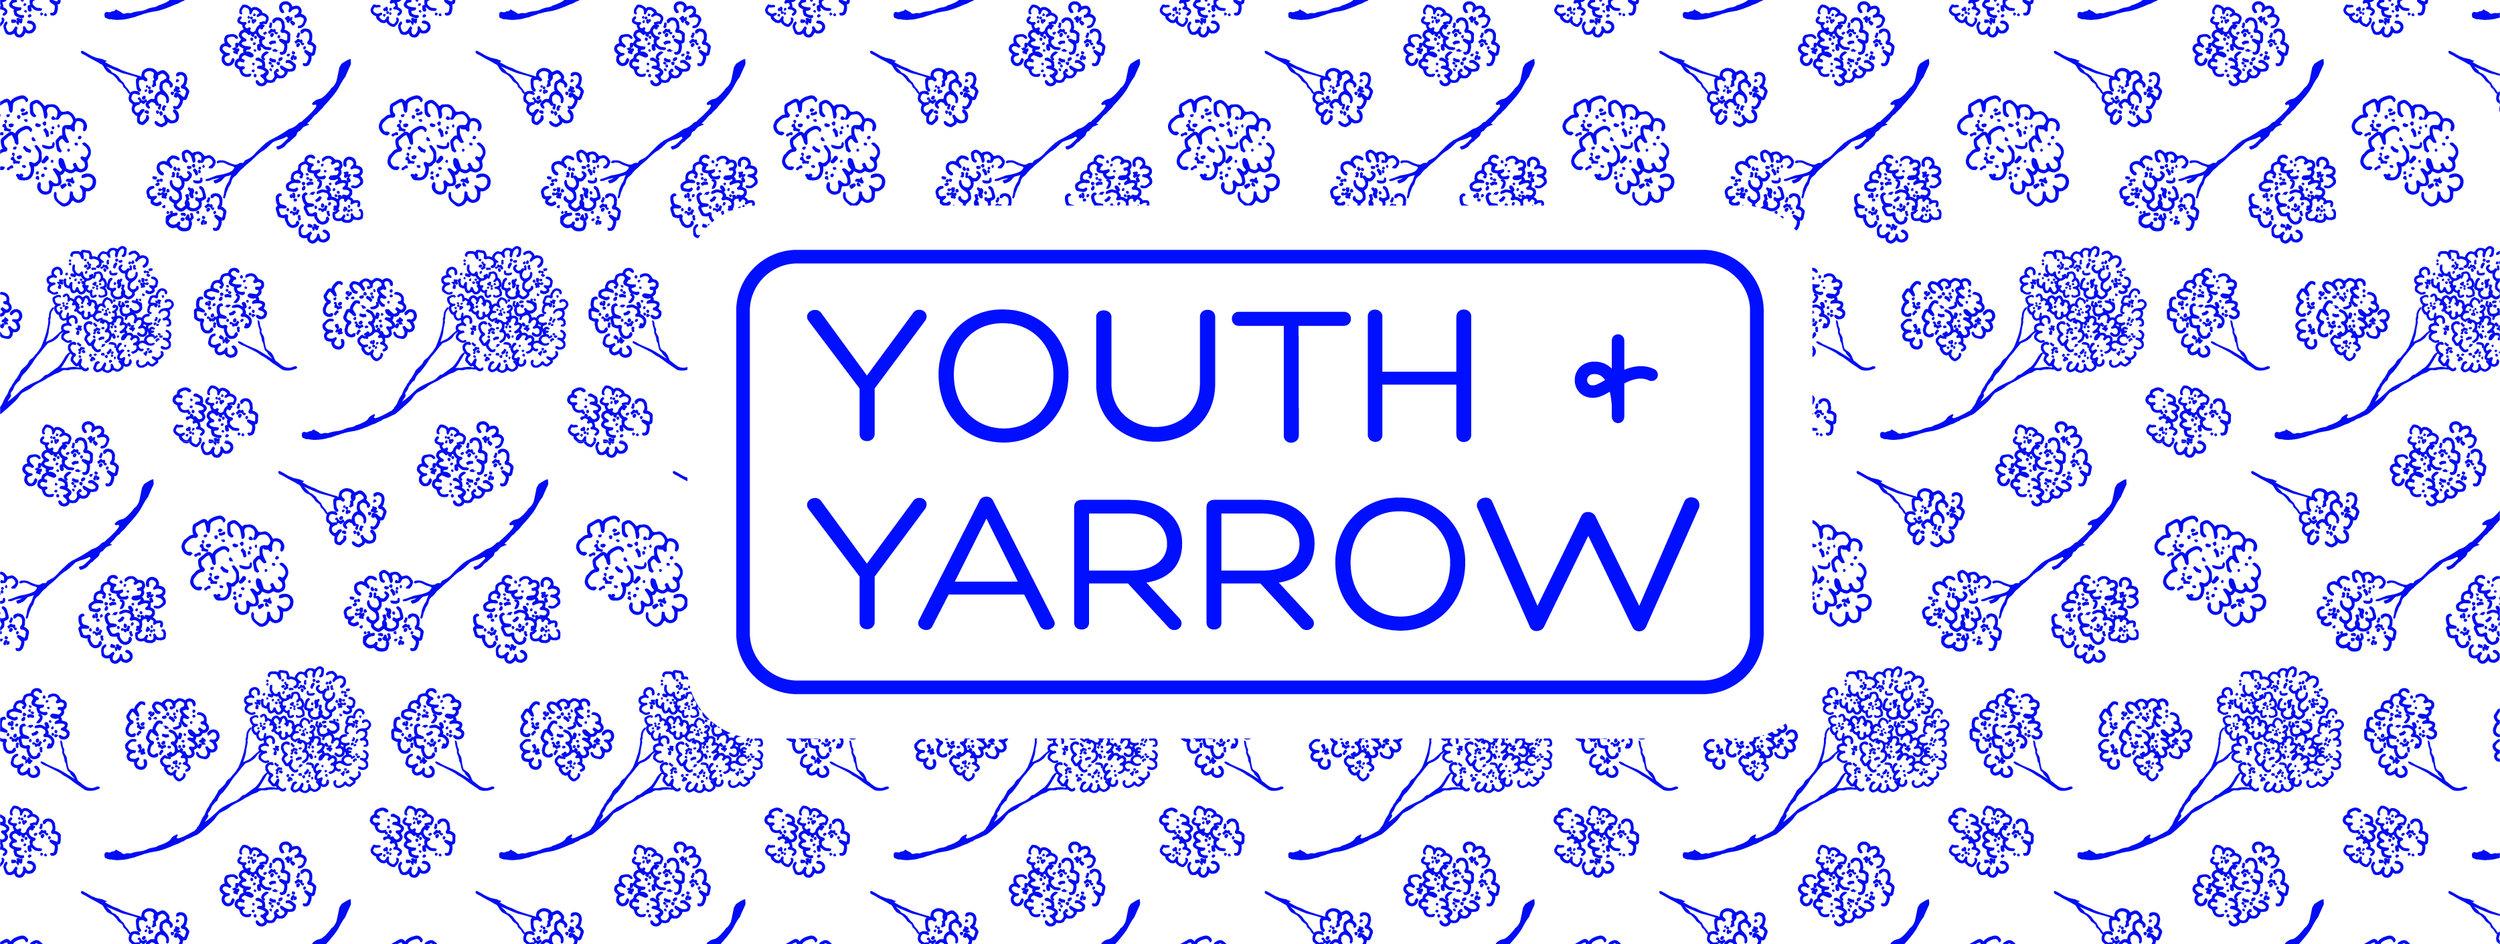 Youth_Yarrow_StyleBoard-07.jpg